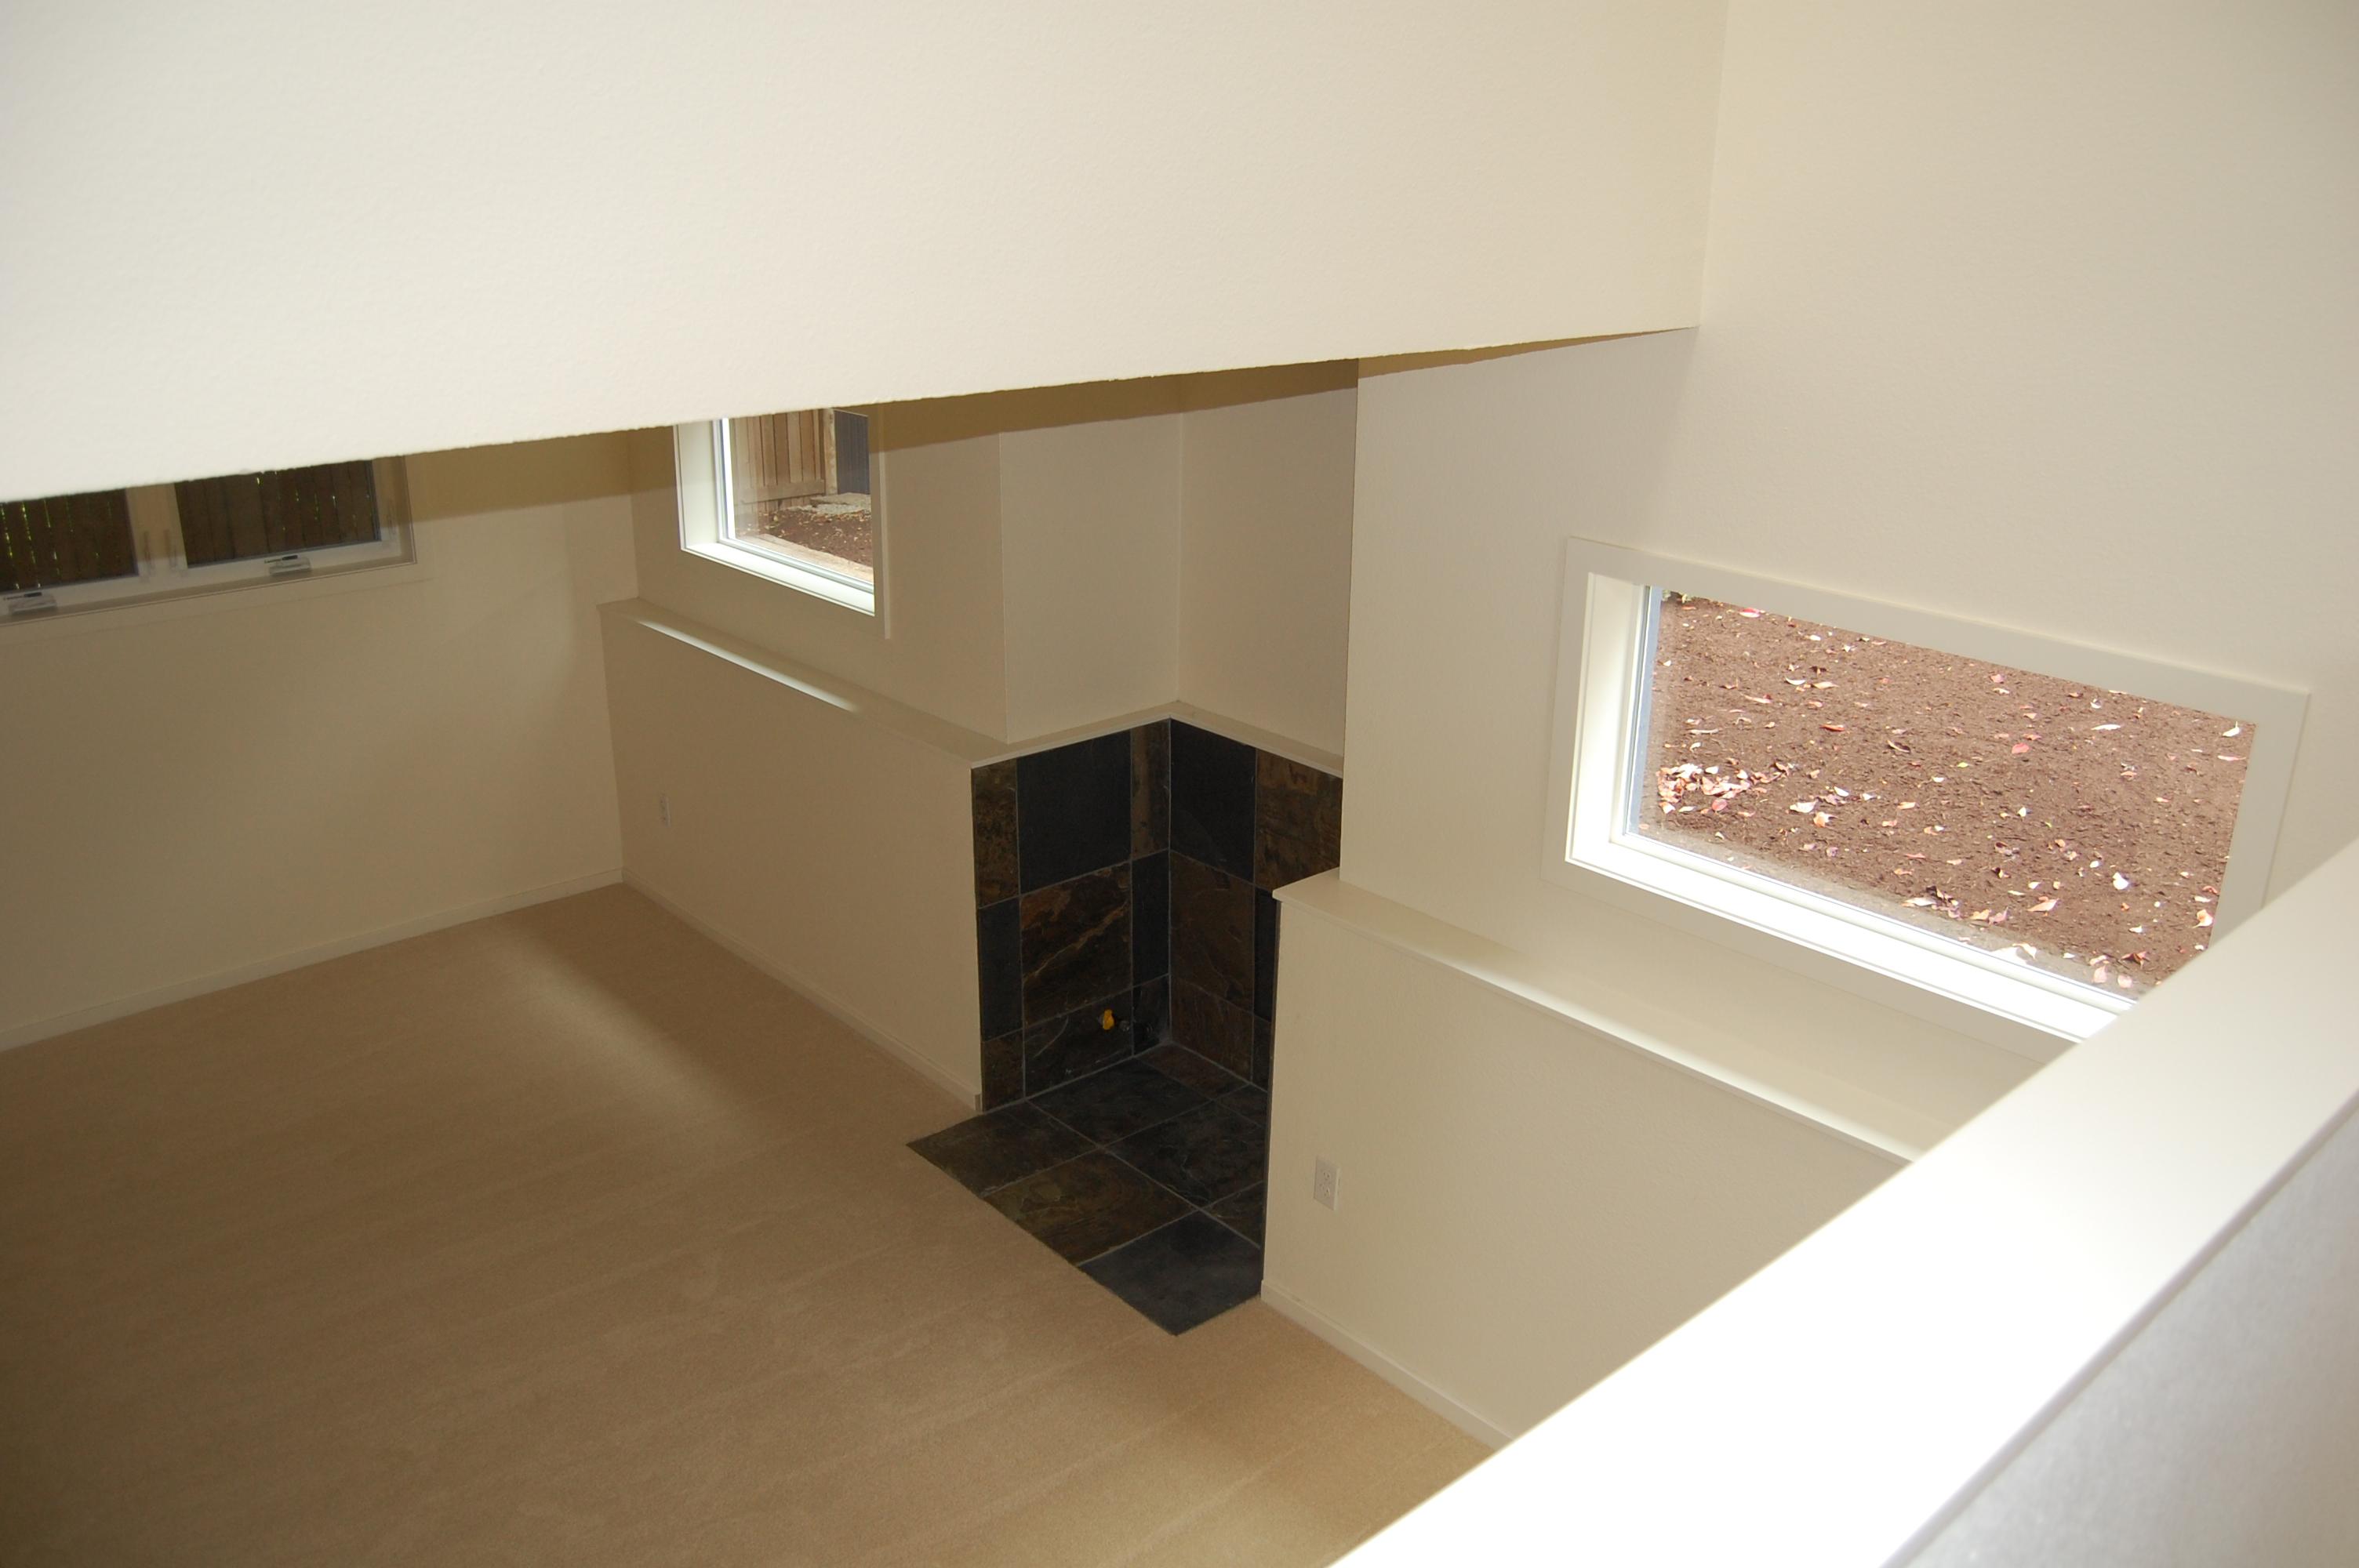 Dark hardwood for resale value ask home design for Best flooring for resale value